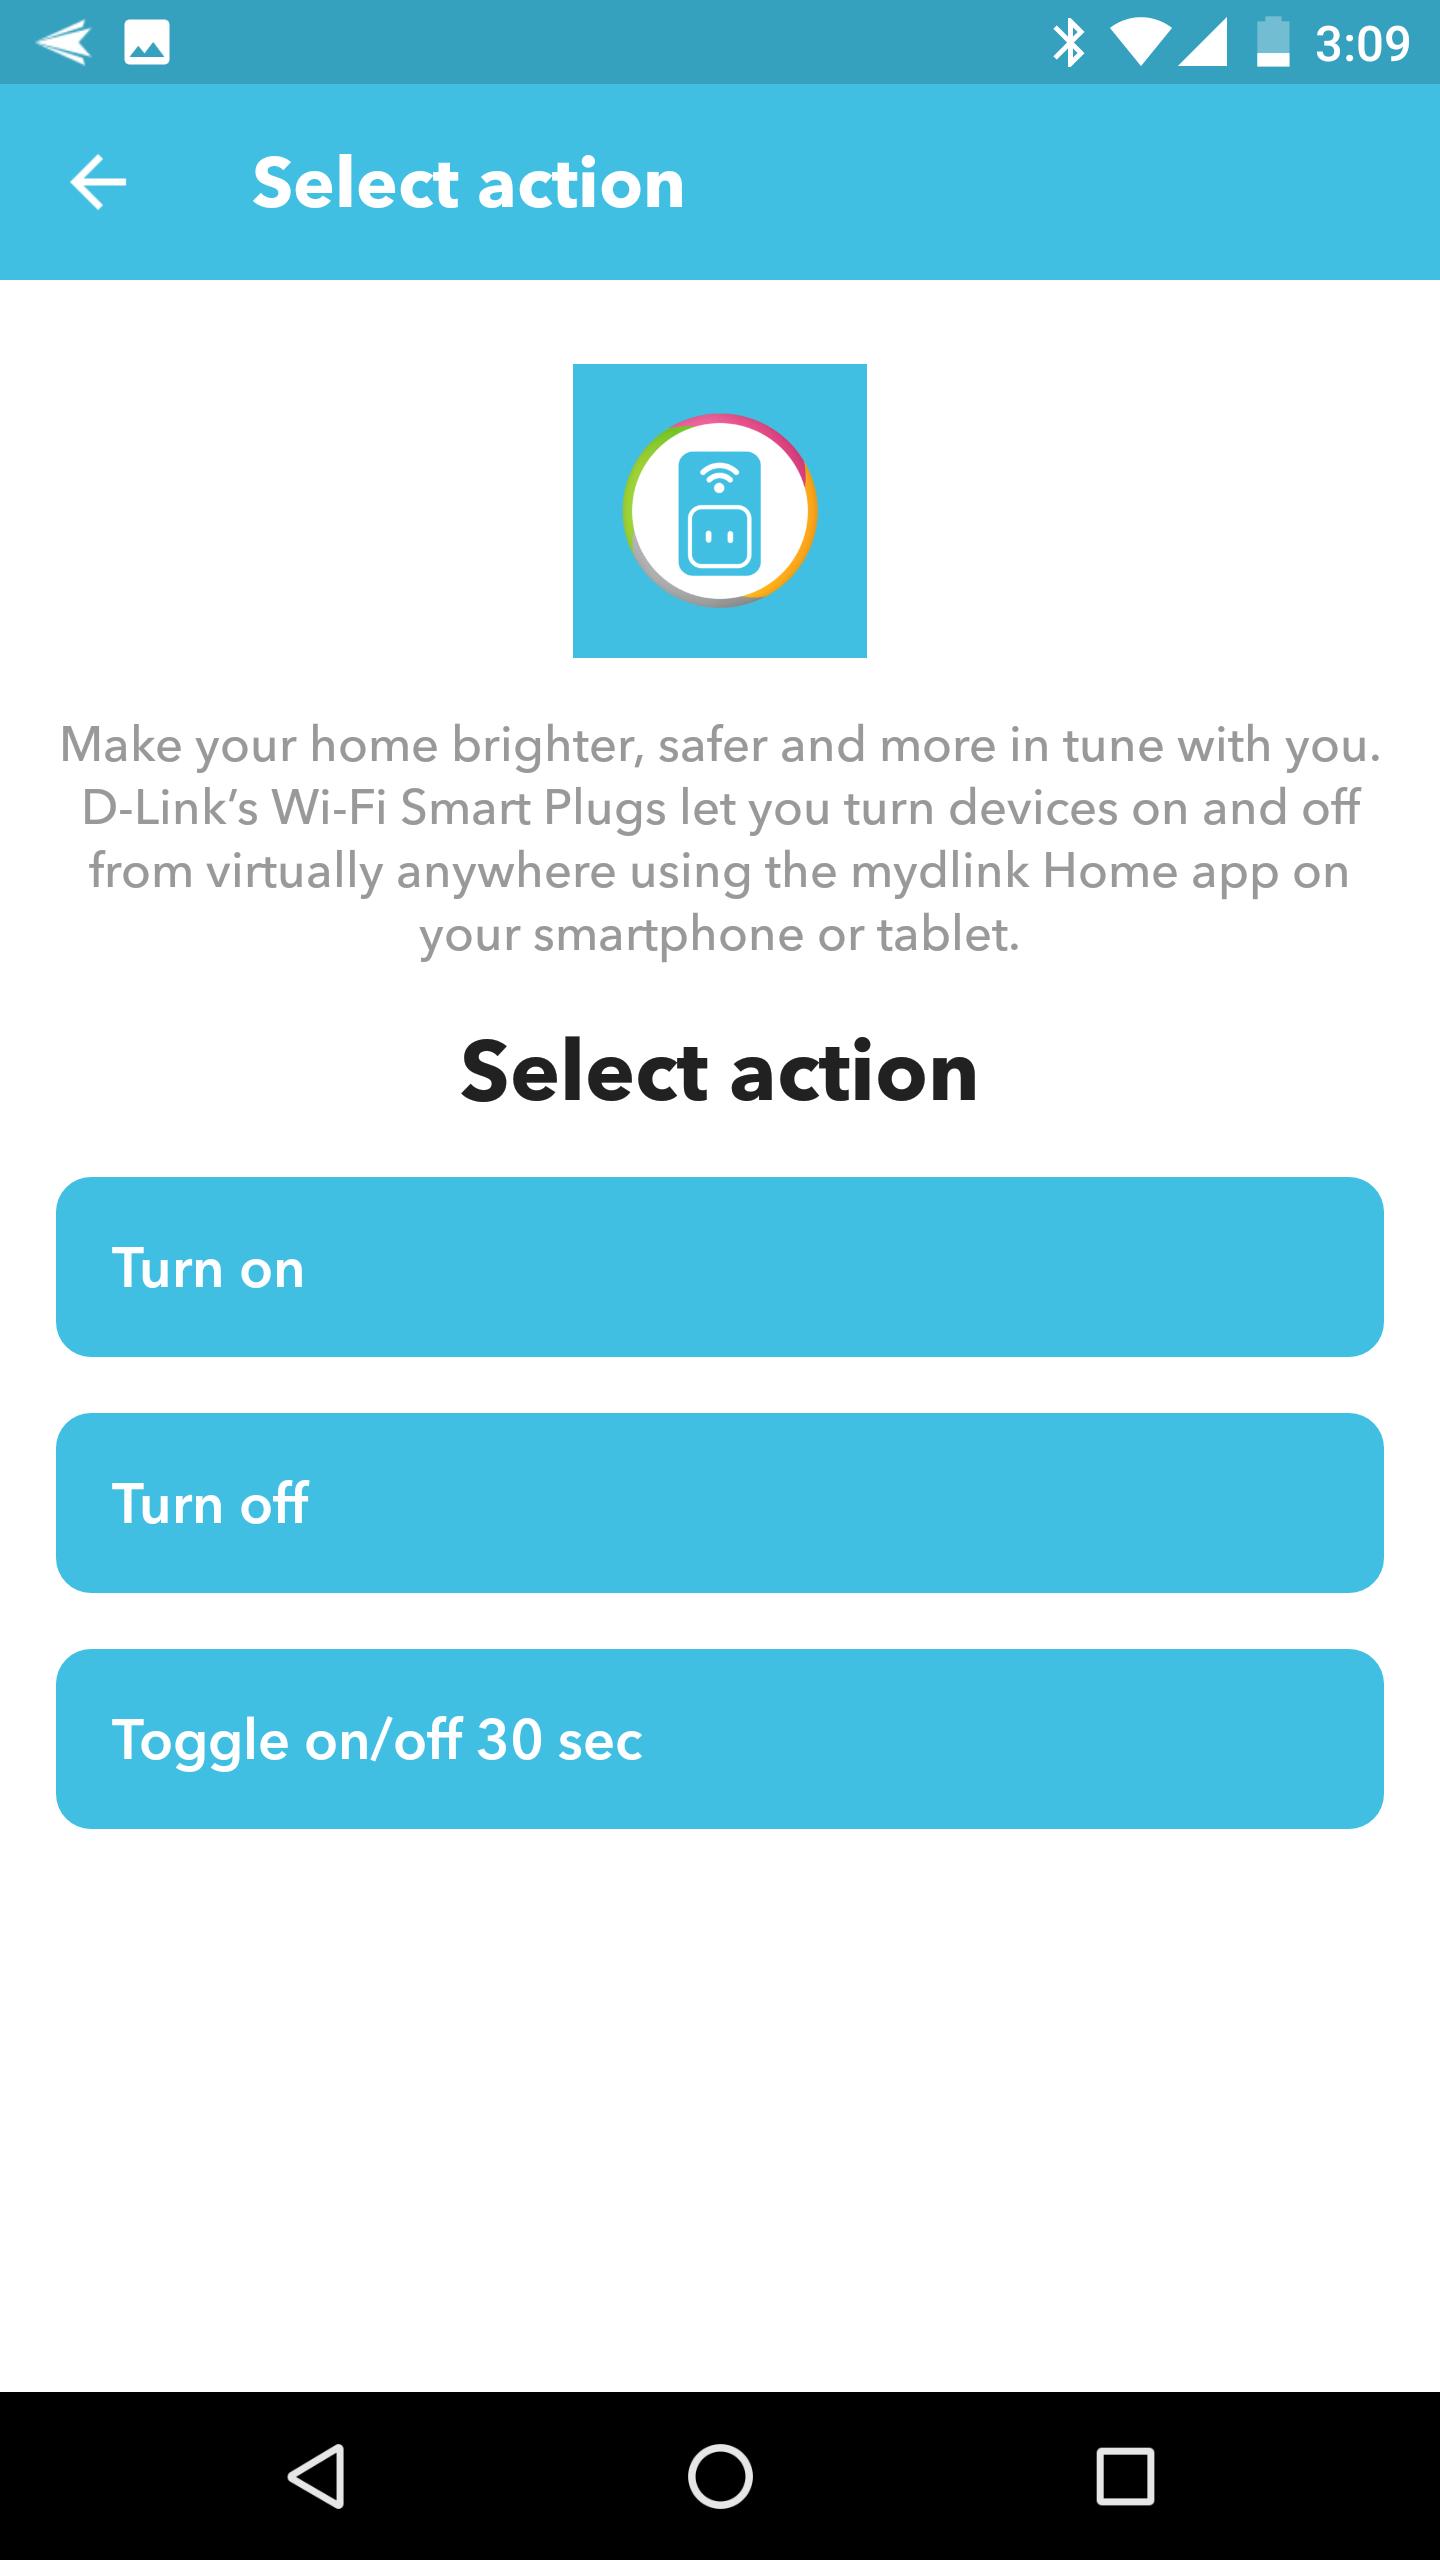 D-Link Plug